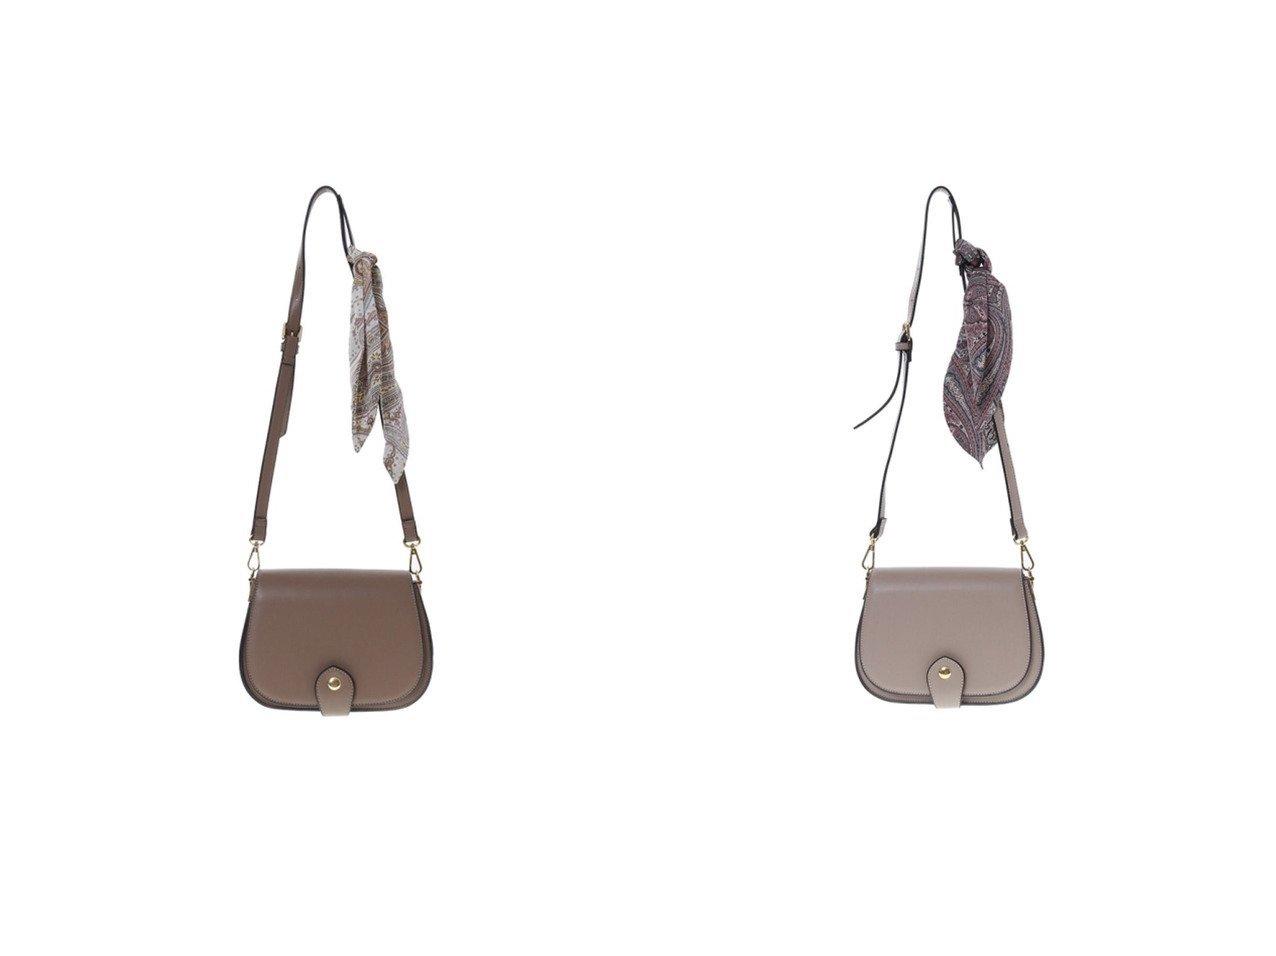 【31 Sons de mode/トランテアン ソン ドゥ モード】の【バッグ】スカーフ付きミニショルダーバッグ バッグのおすすめ!人気、レディースファッションの通販 おすすめで人気のファッション通販商品 インテリア・家具・キッズファッション・メンズファッション・レディースファッション・服の通販 founy(ファニー) https://founy.com/ ファッション Fashion レディース WOMEN バッグ Bag ヴィンテージ スカーフ センター ポケット 冬 Winter |ID:crp329100000001632